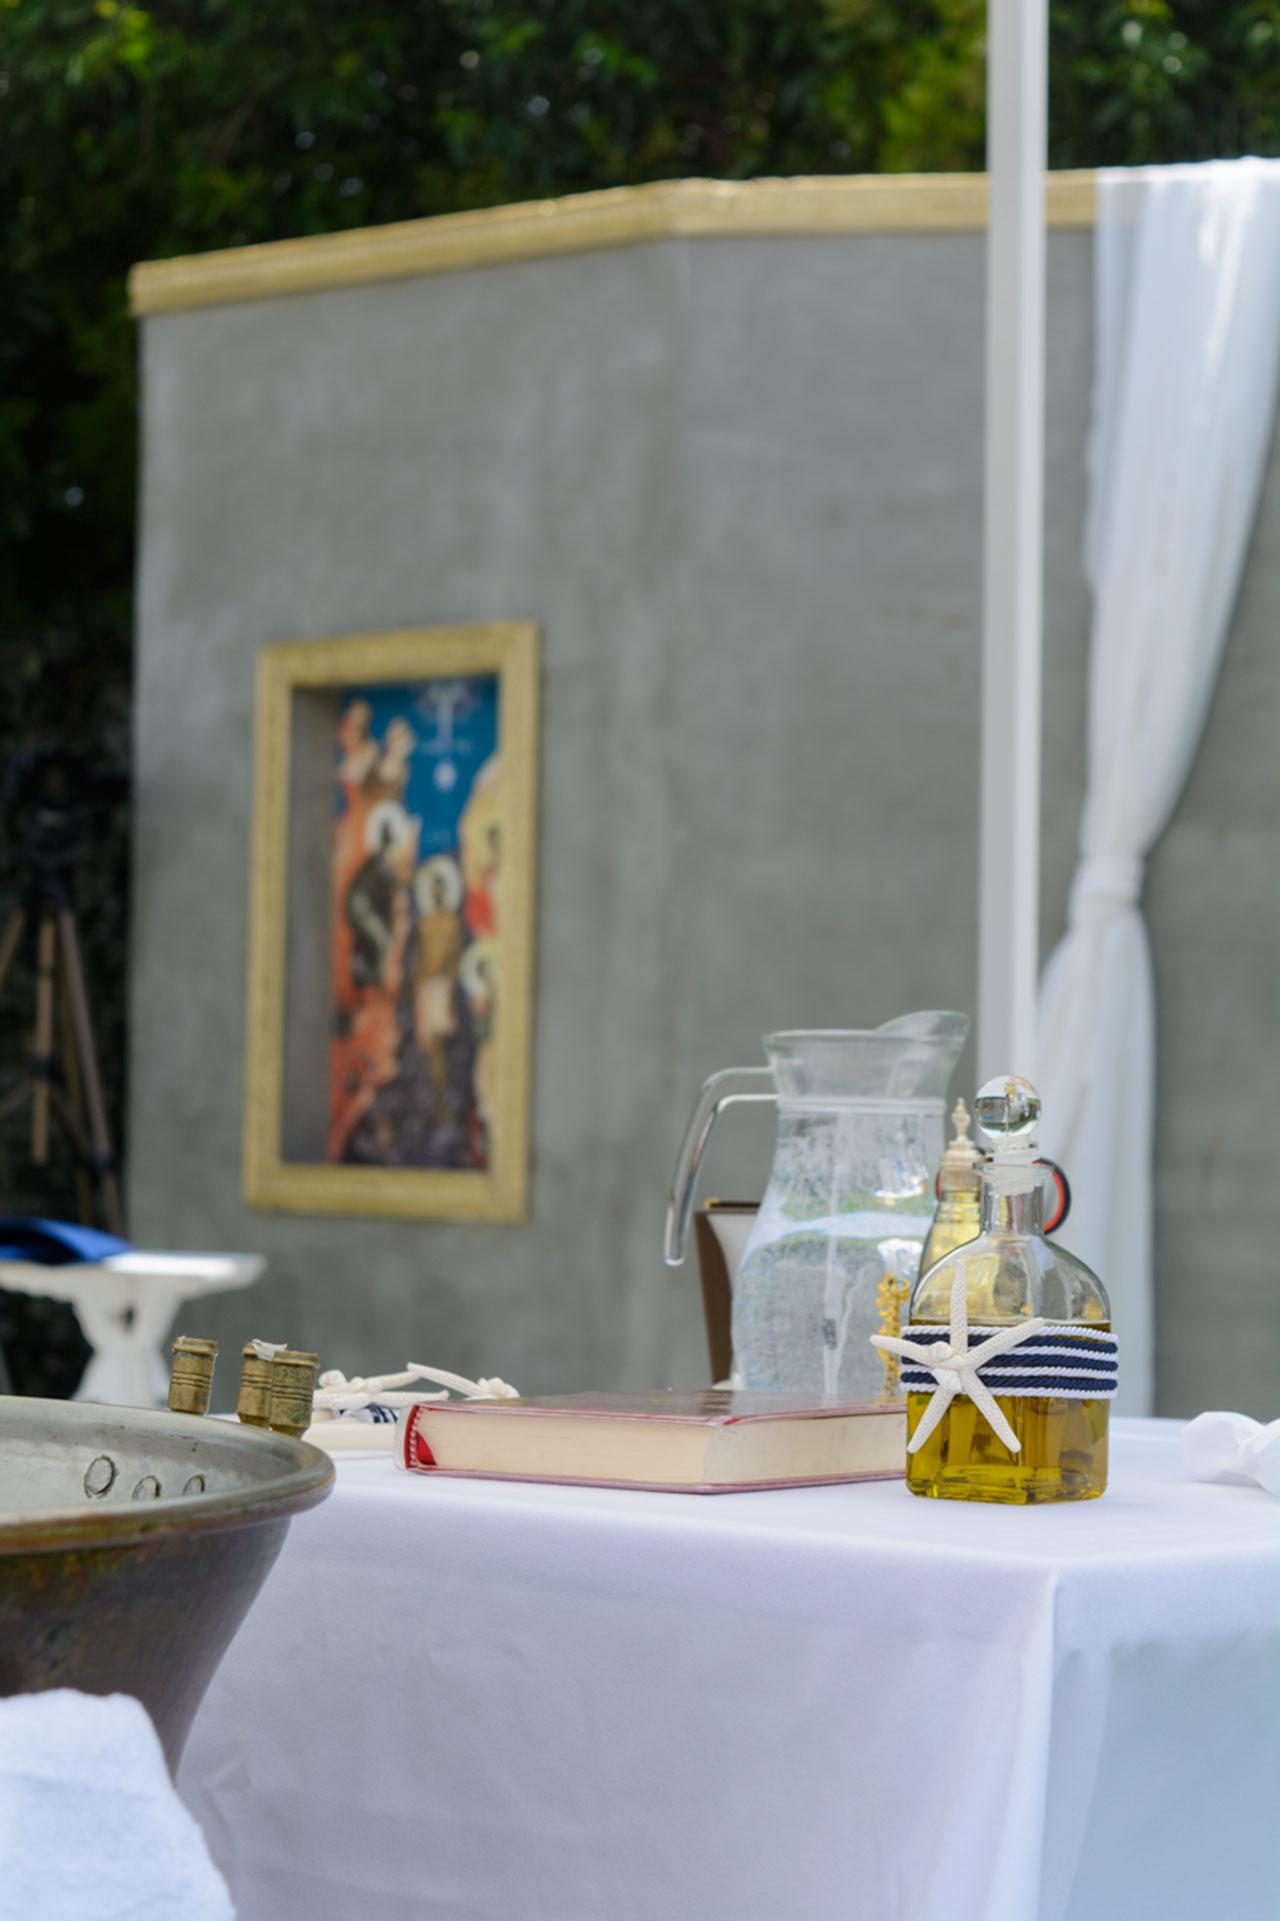 Ναυτικό θέμα και στα υπόλοιπα στοιχεία της βάπτισης όπως το μπουκάλι με το λάδι